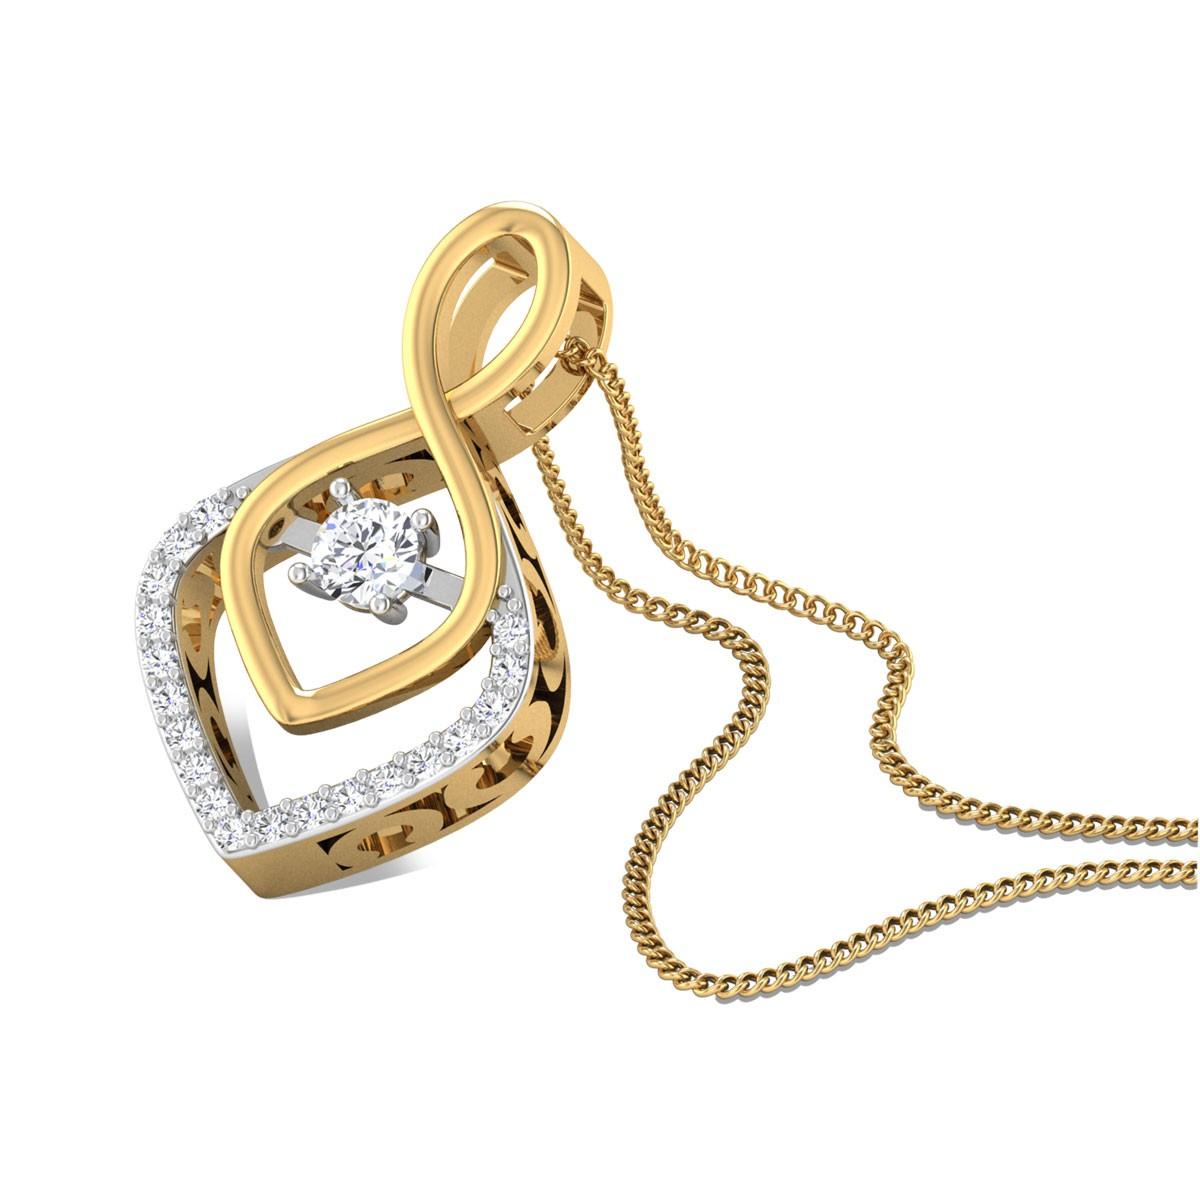 Apsara Diamond Pendant